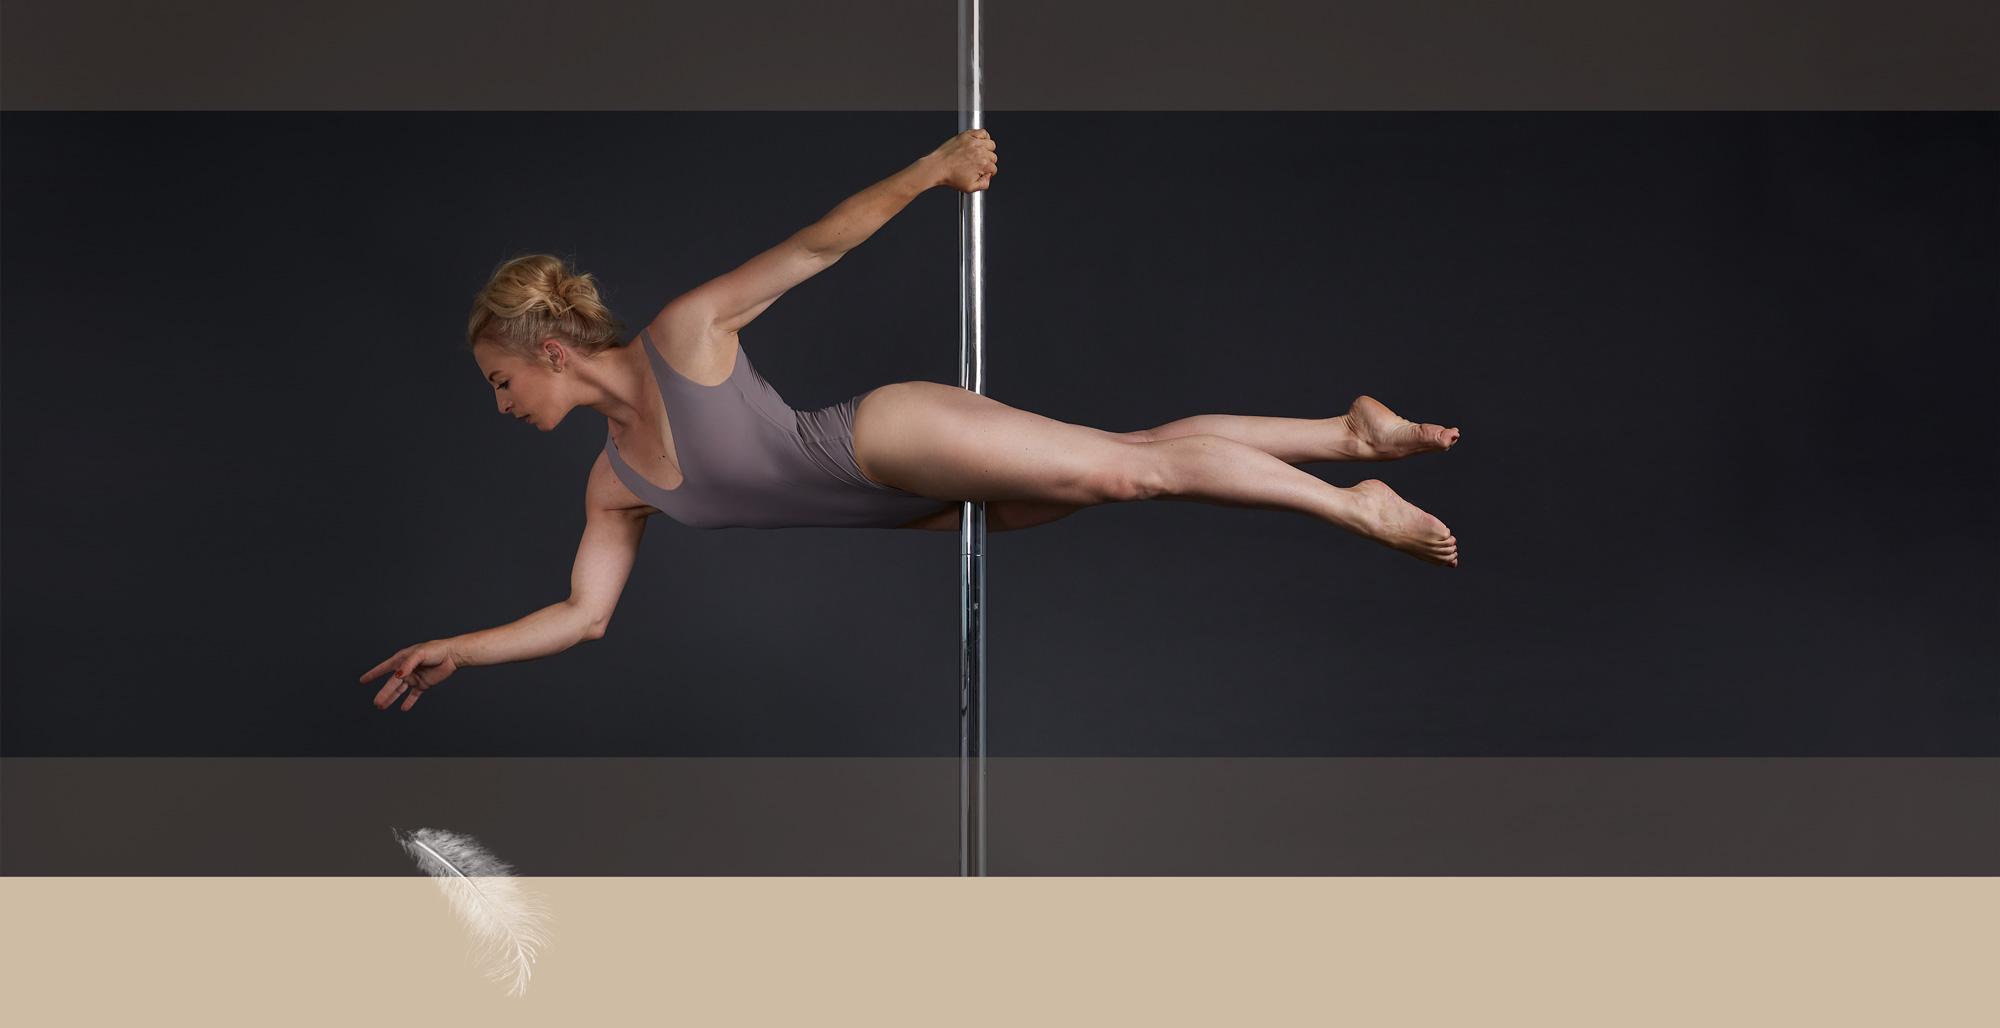 Pole Dance Figur schwebend